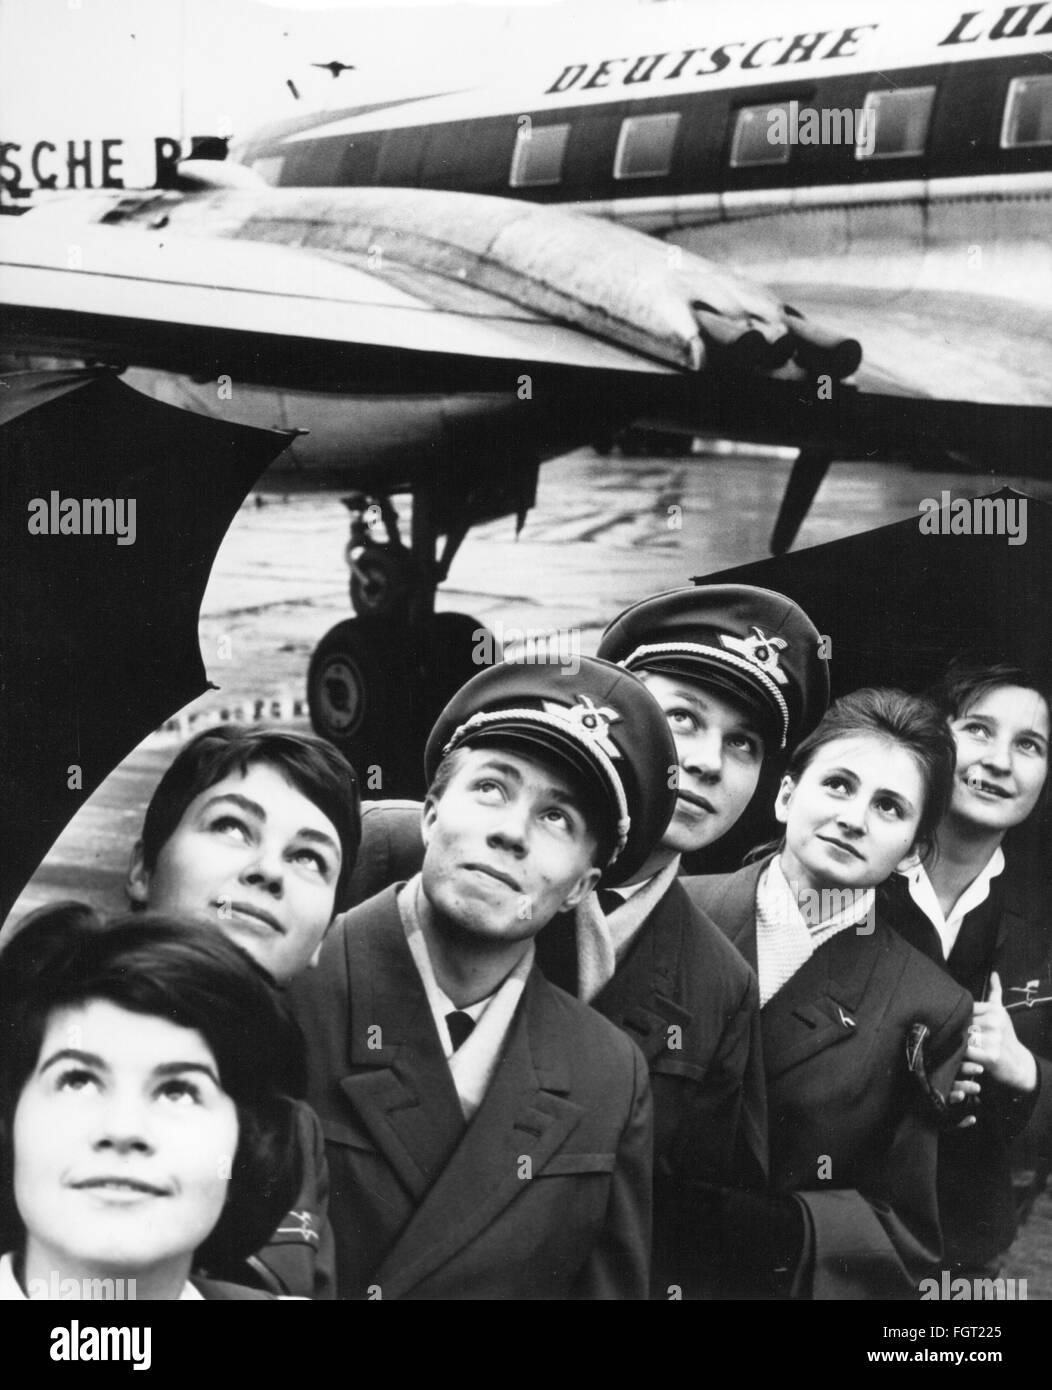 Deutsche Stewardess wird nach der Arbeit abgefickt